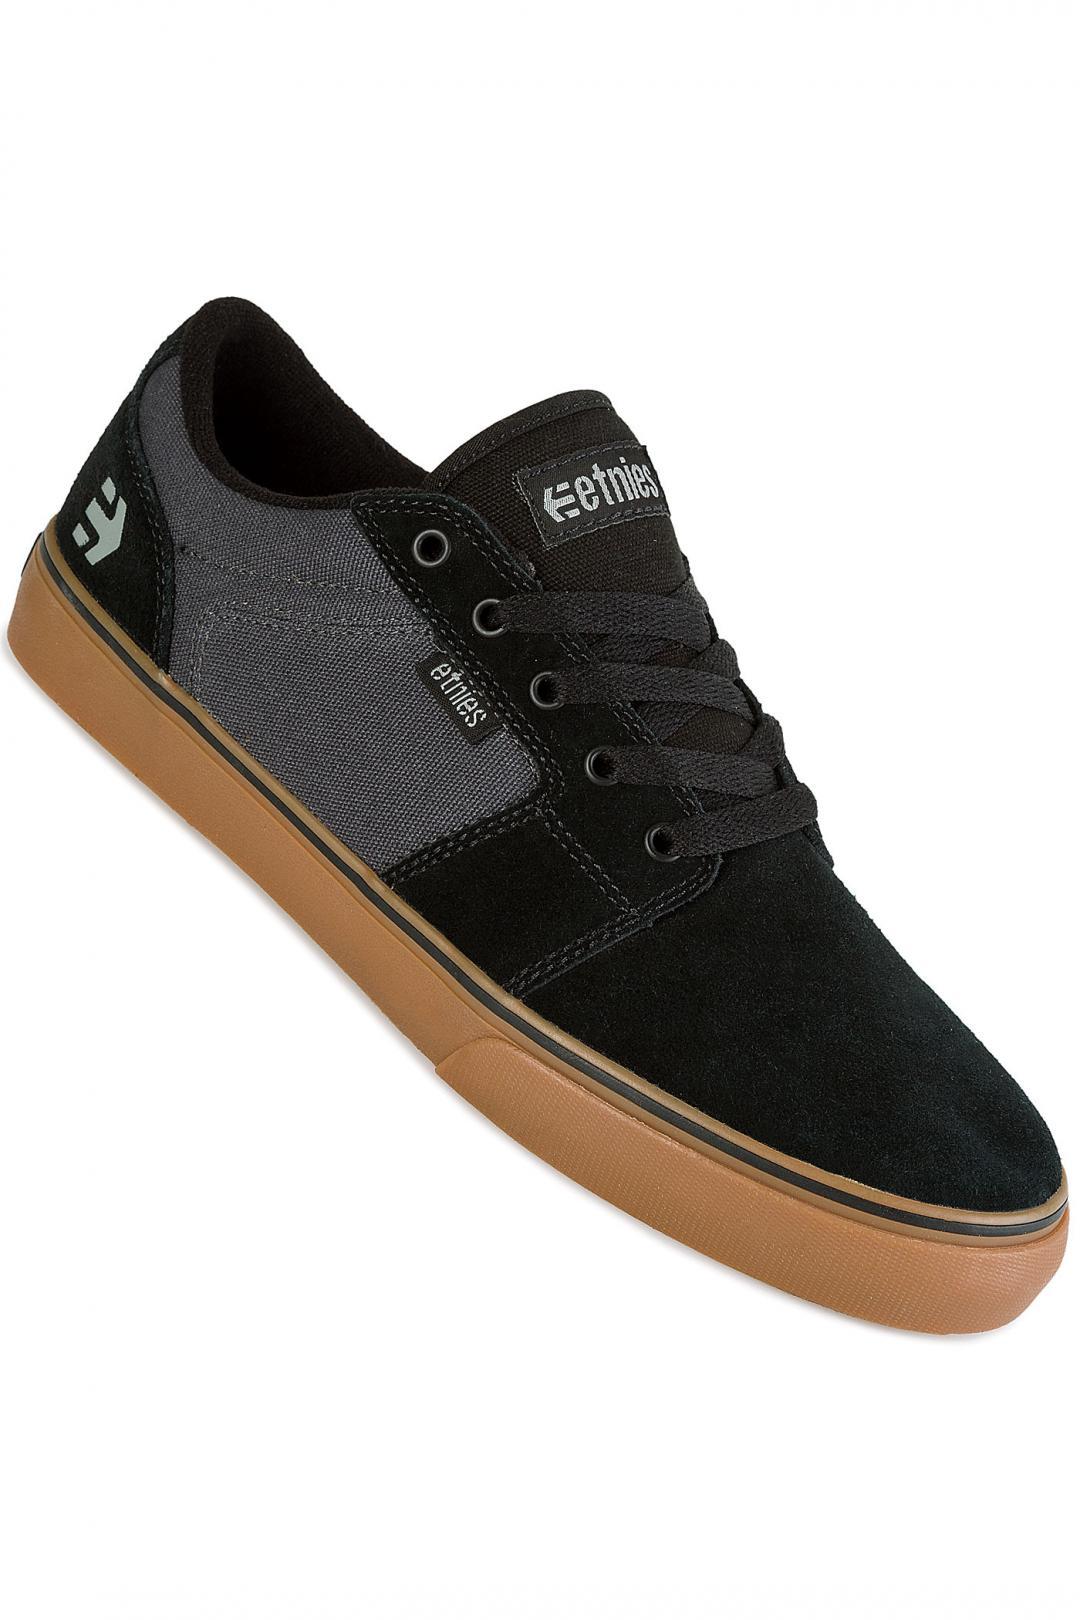 Uomo Etnies Barge LS black dark grey gum | Scarpe da skate